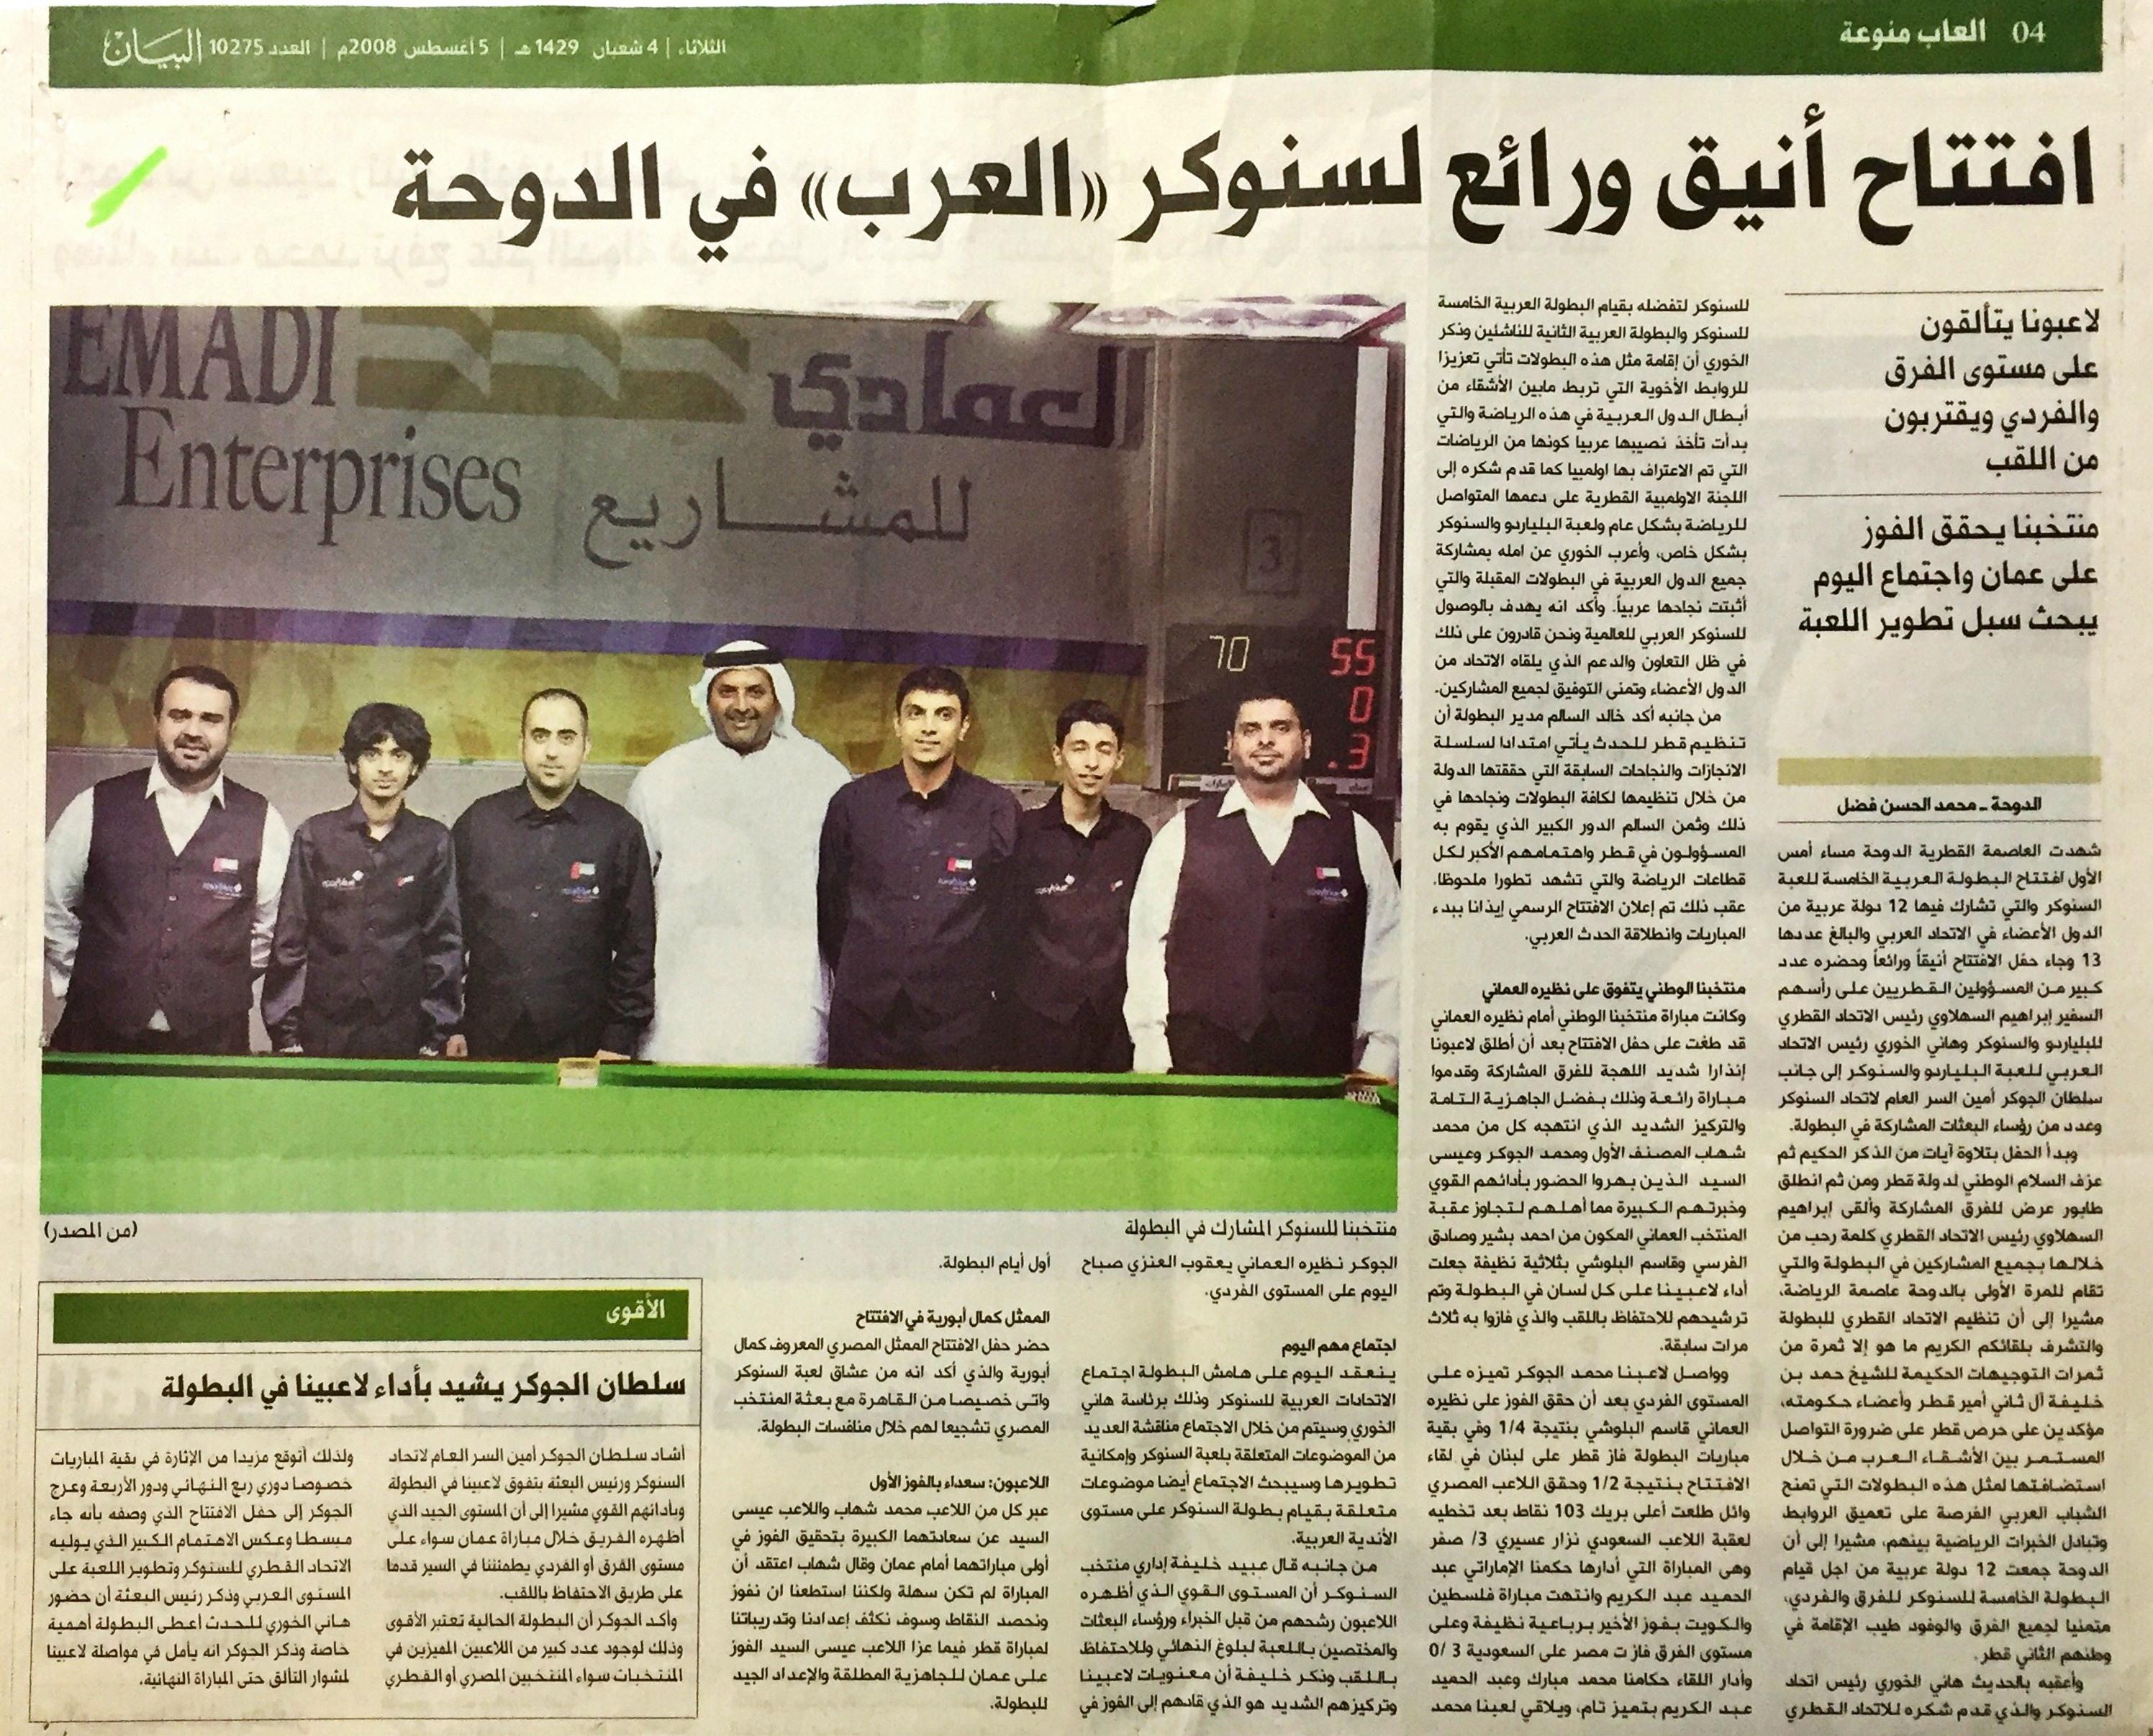 افتتاح أنيق و رائع لسنوكر ((العرب ))في الدوحة